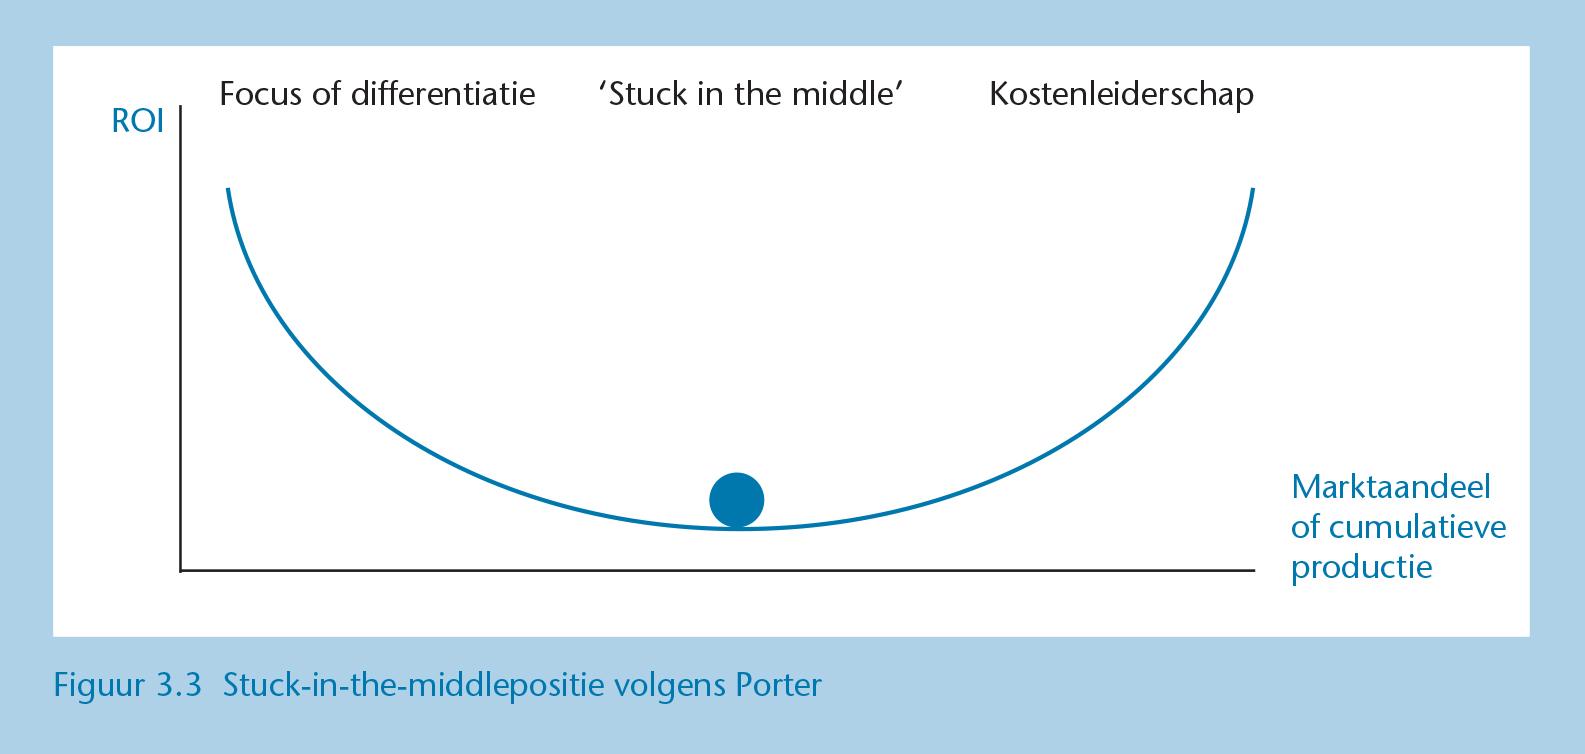 Nichemarkt-en-ROI-Concurrentiestrategieen-van-Porter-Figuur_3-3.jpg